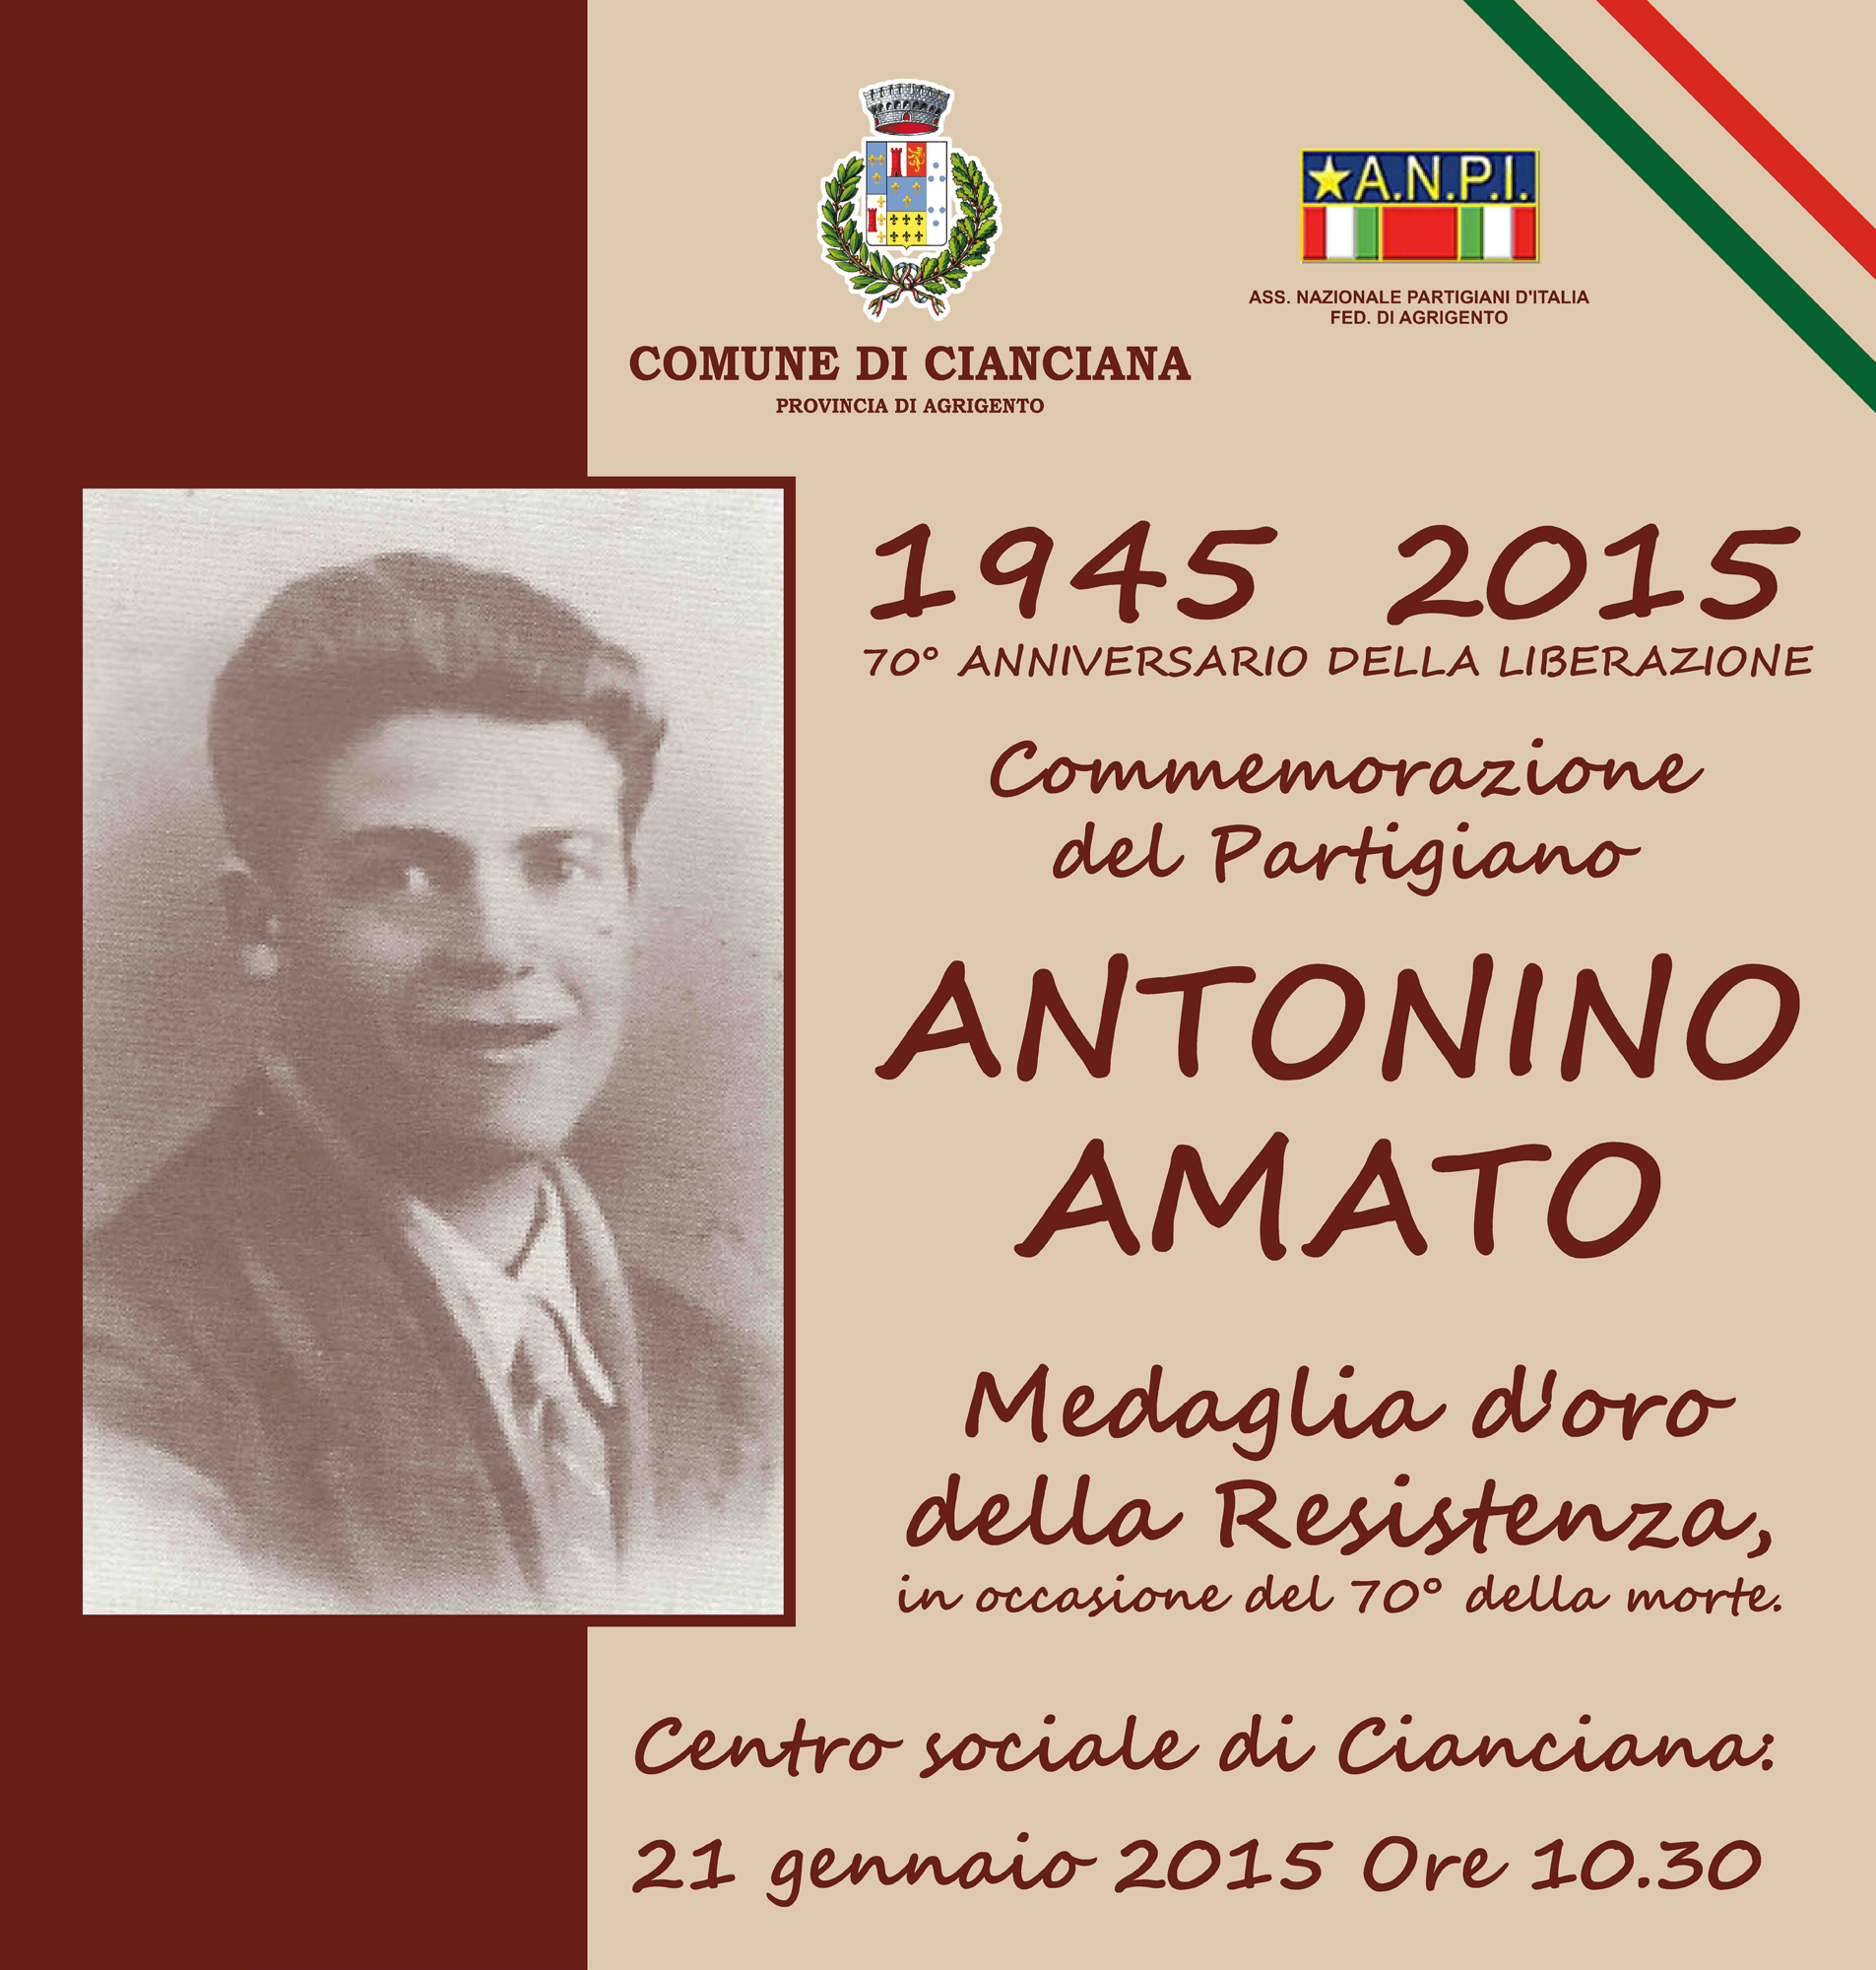 Commemorazione del Partigiano Antonino Amato, medaglia d'oro della Resistenza